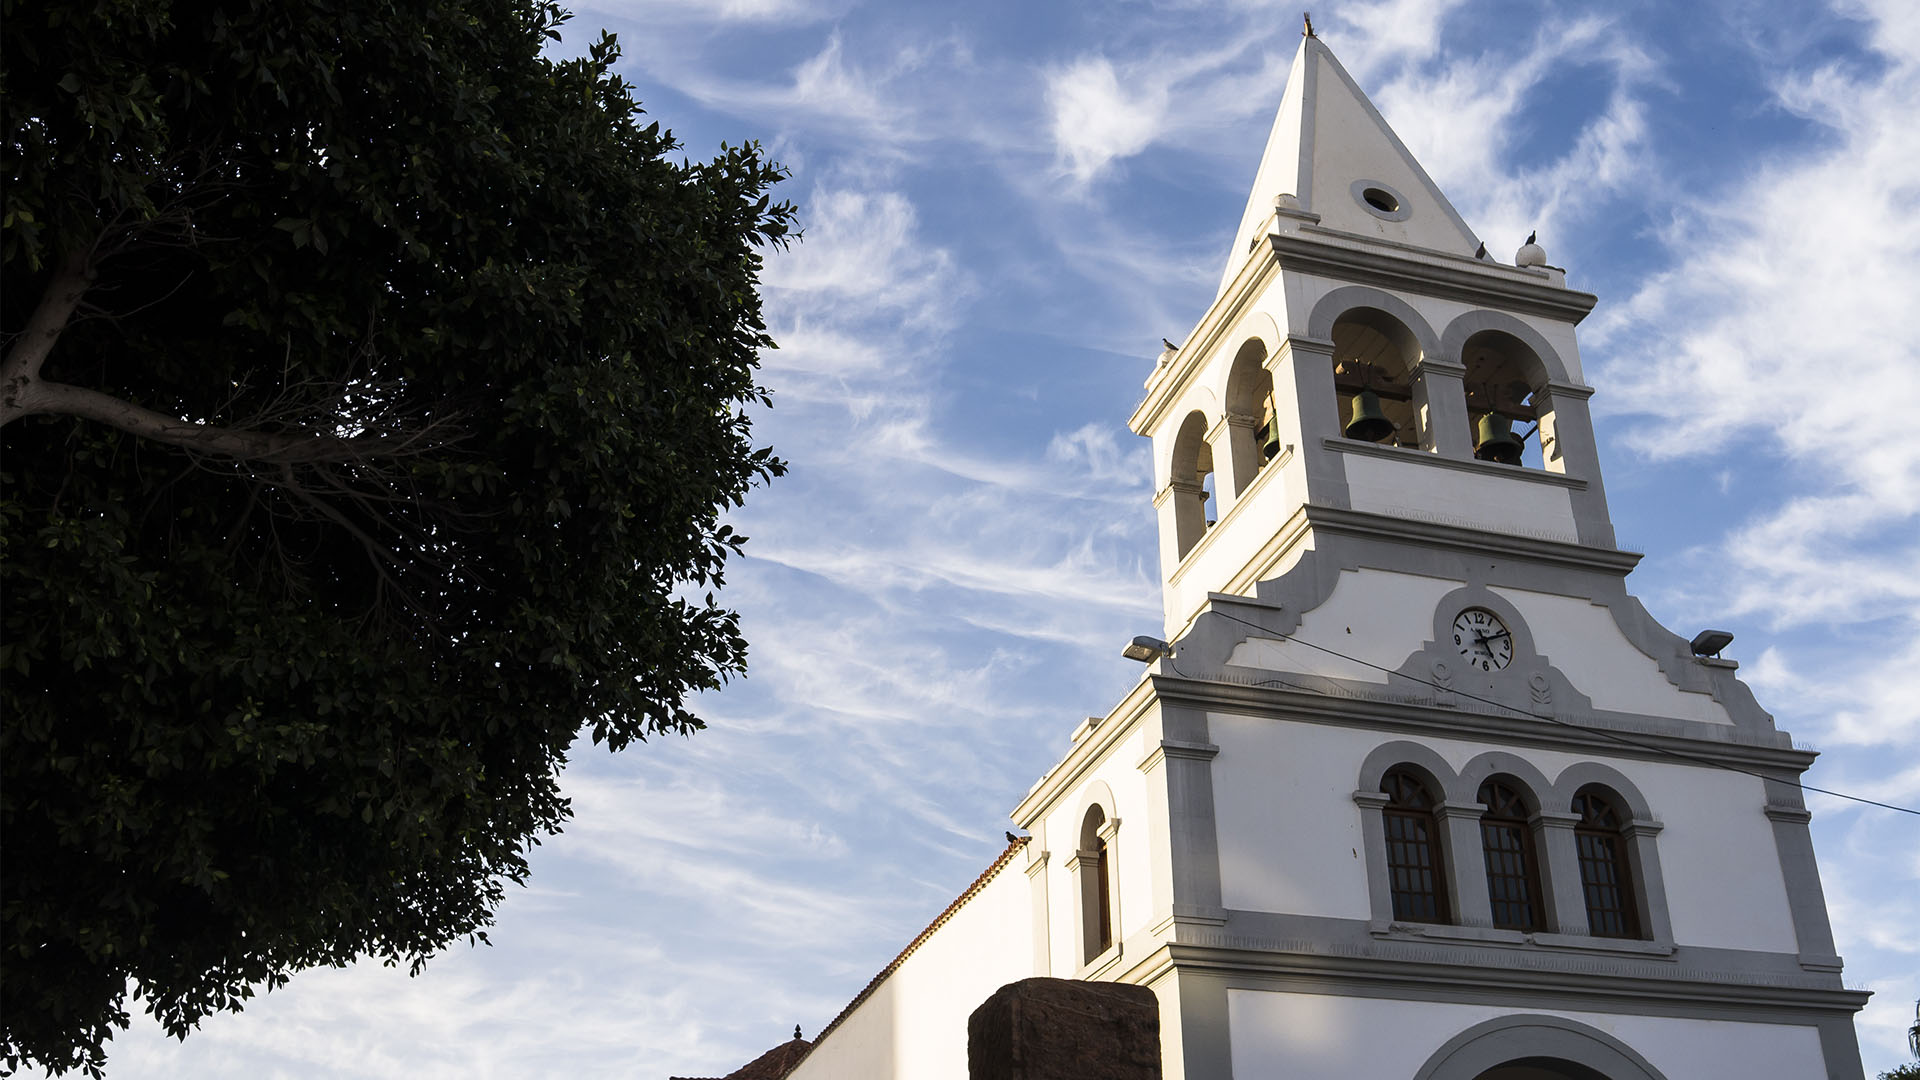 Kirche Puerto del Rosario Fuerteventura –Parroquia de Nuestra Señora del Rosario.